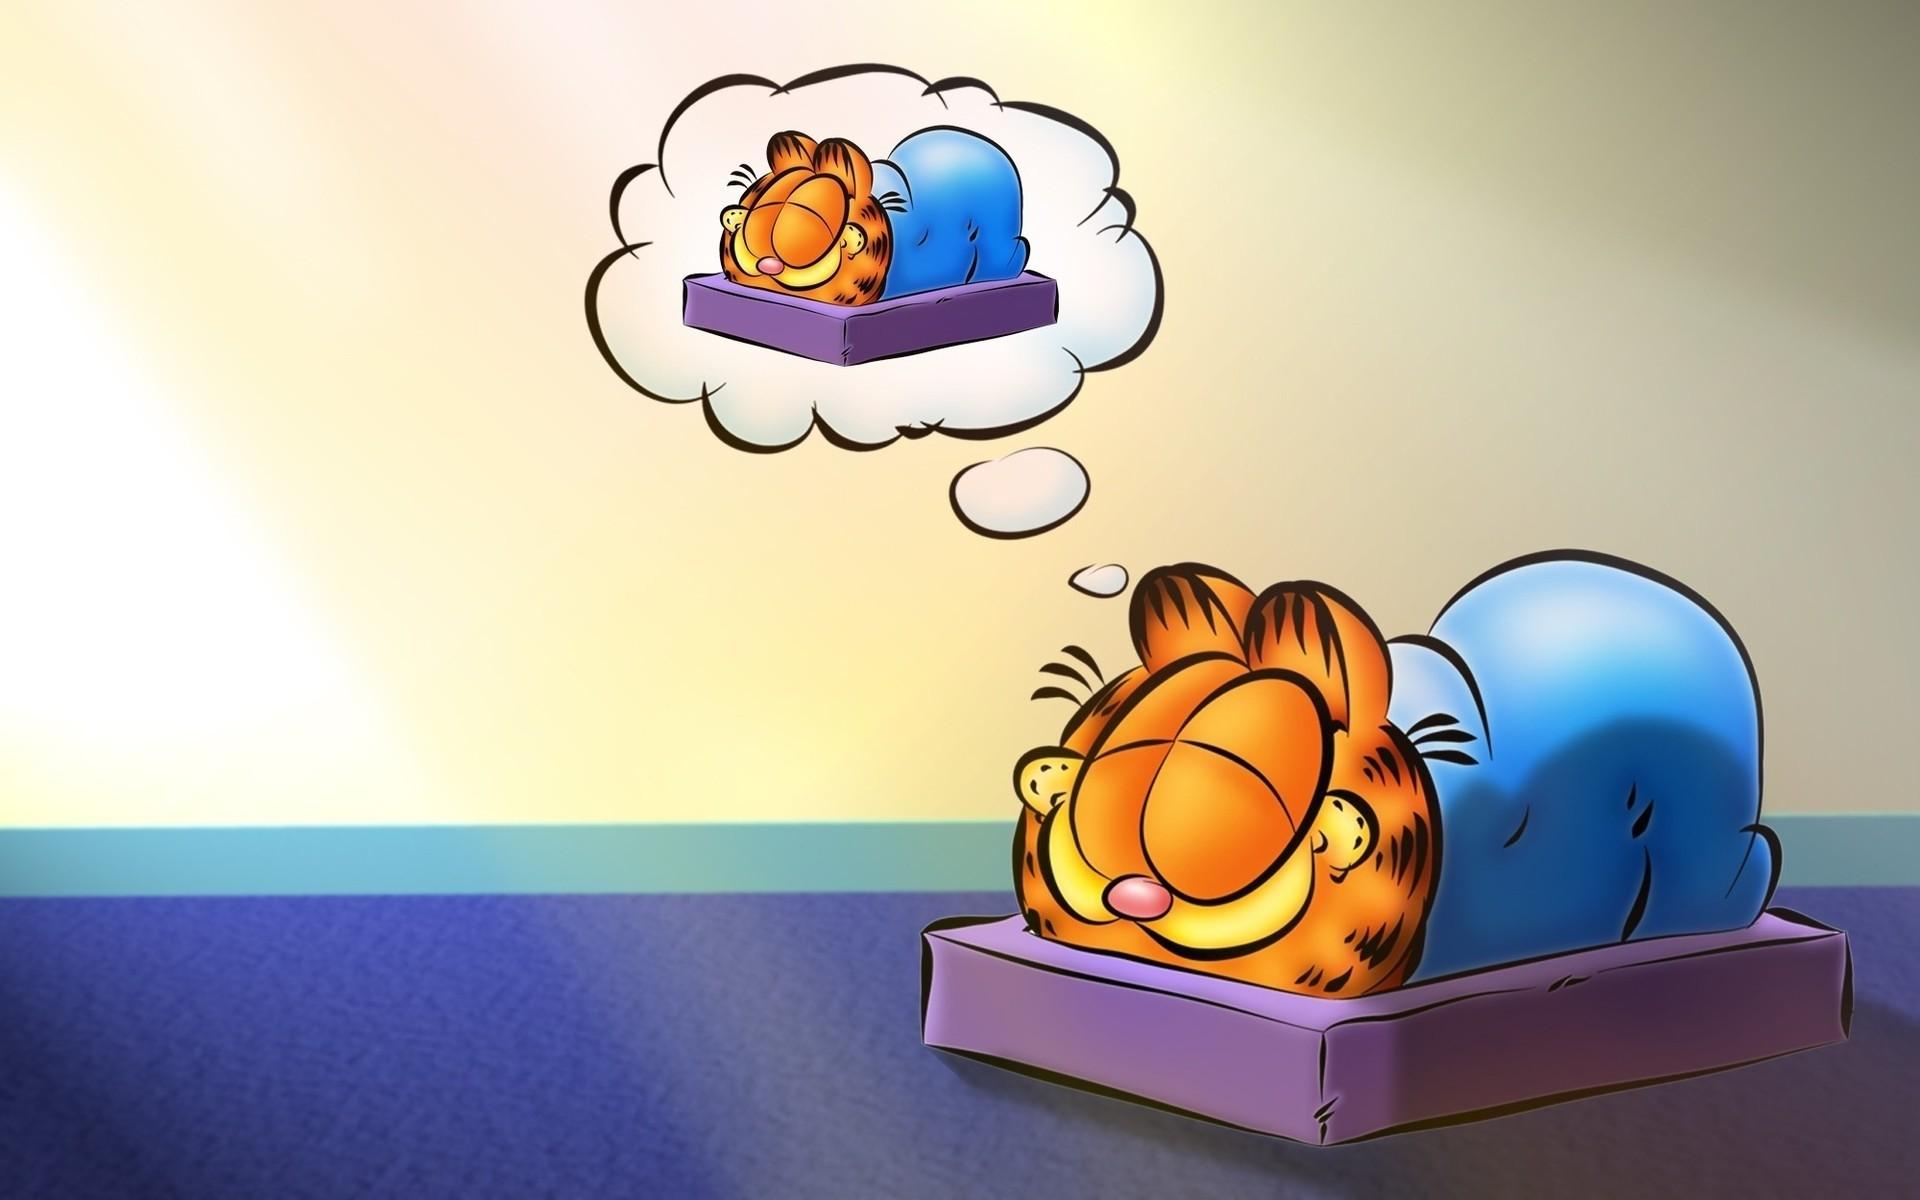 Анимация, смешные картинки на тему спящих